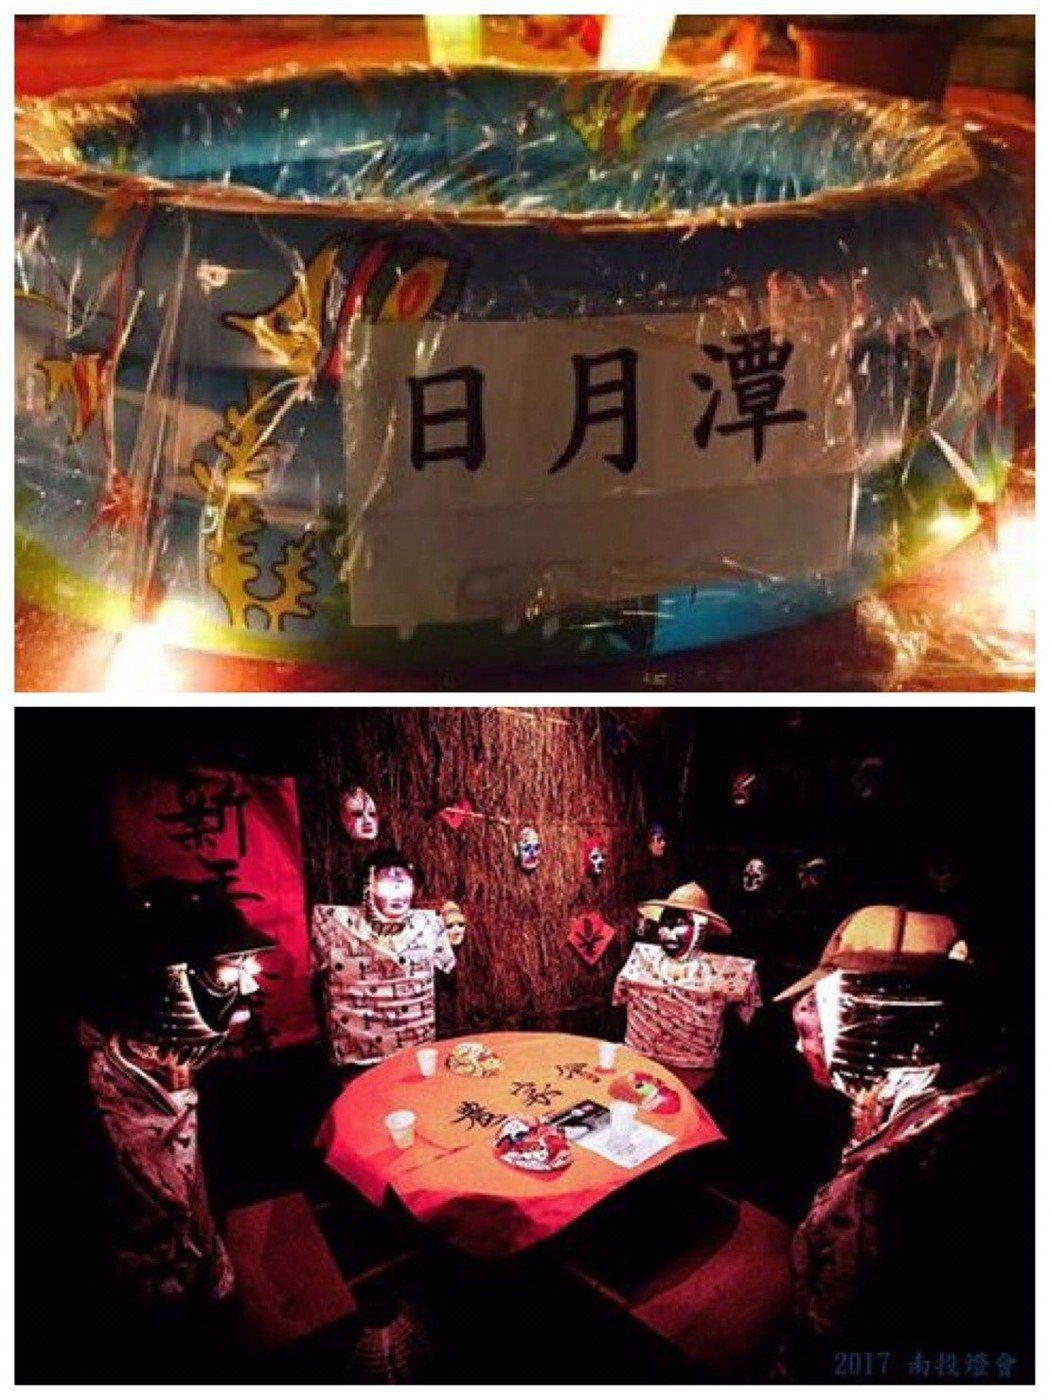 2017年南投燈會出現充氣泳池當日月潭(上圖),還有詭譎如鬼宴般的主題燈屋(下圖...